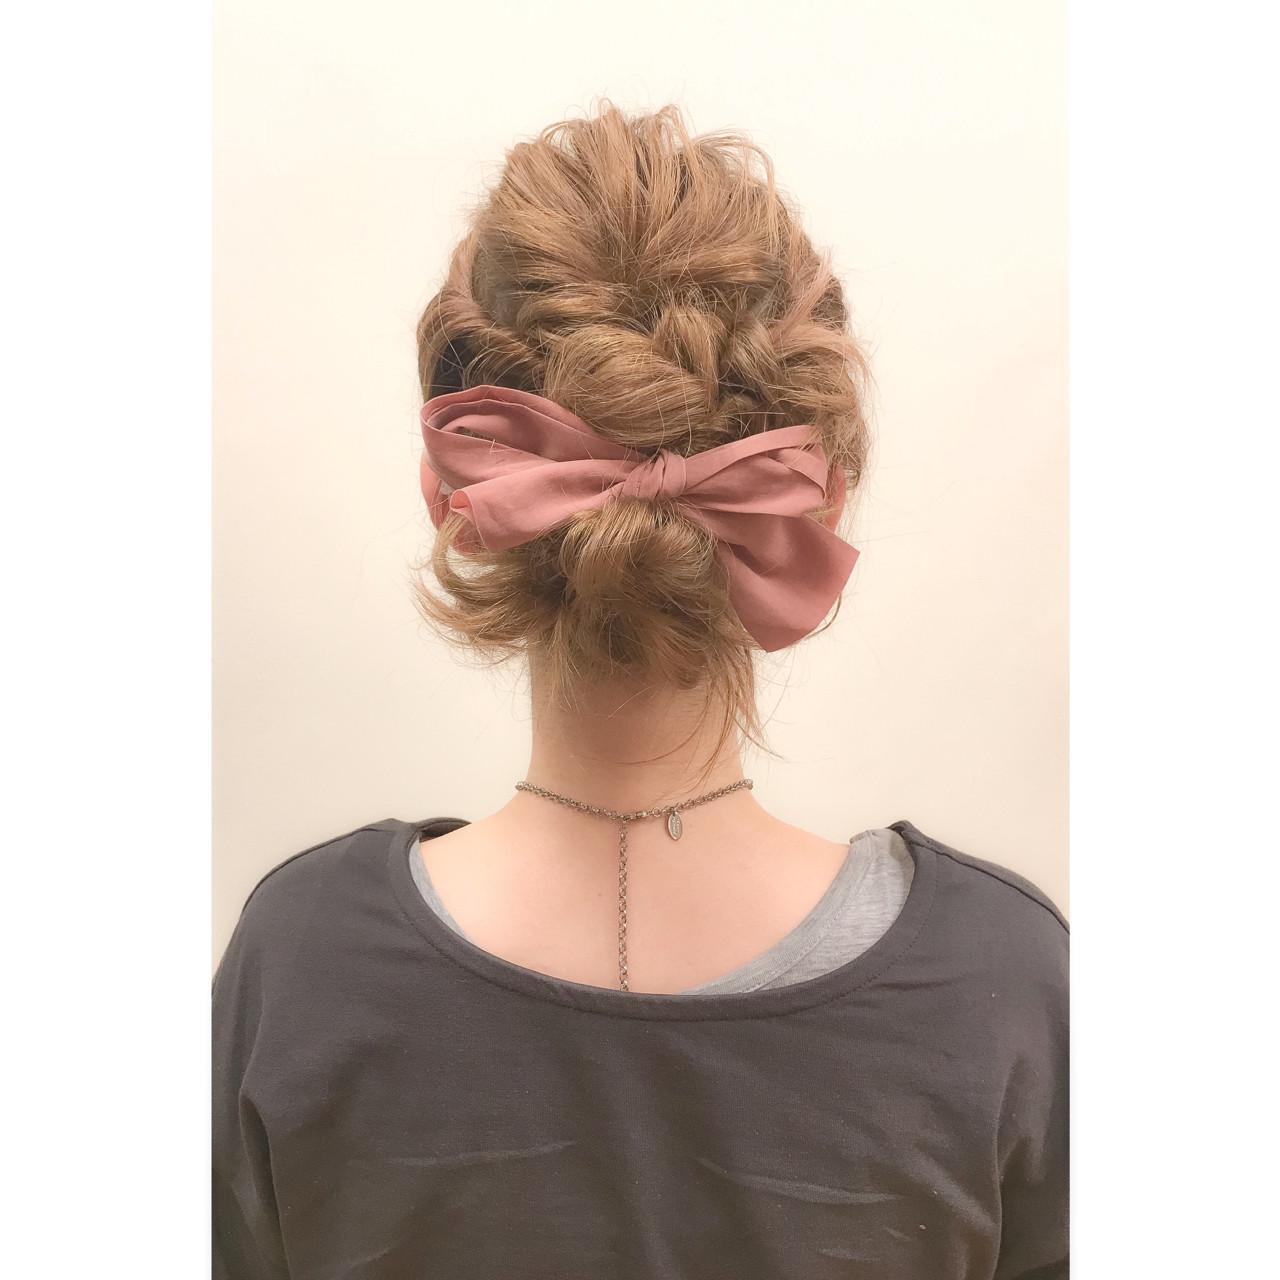 パーティ ショート ガーリー 簡単ヘアアレンジ ヘアスタイルや髪型の写真・画像 | 井手口 倫也 / luve heart's And Be+Eclat